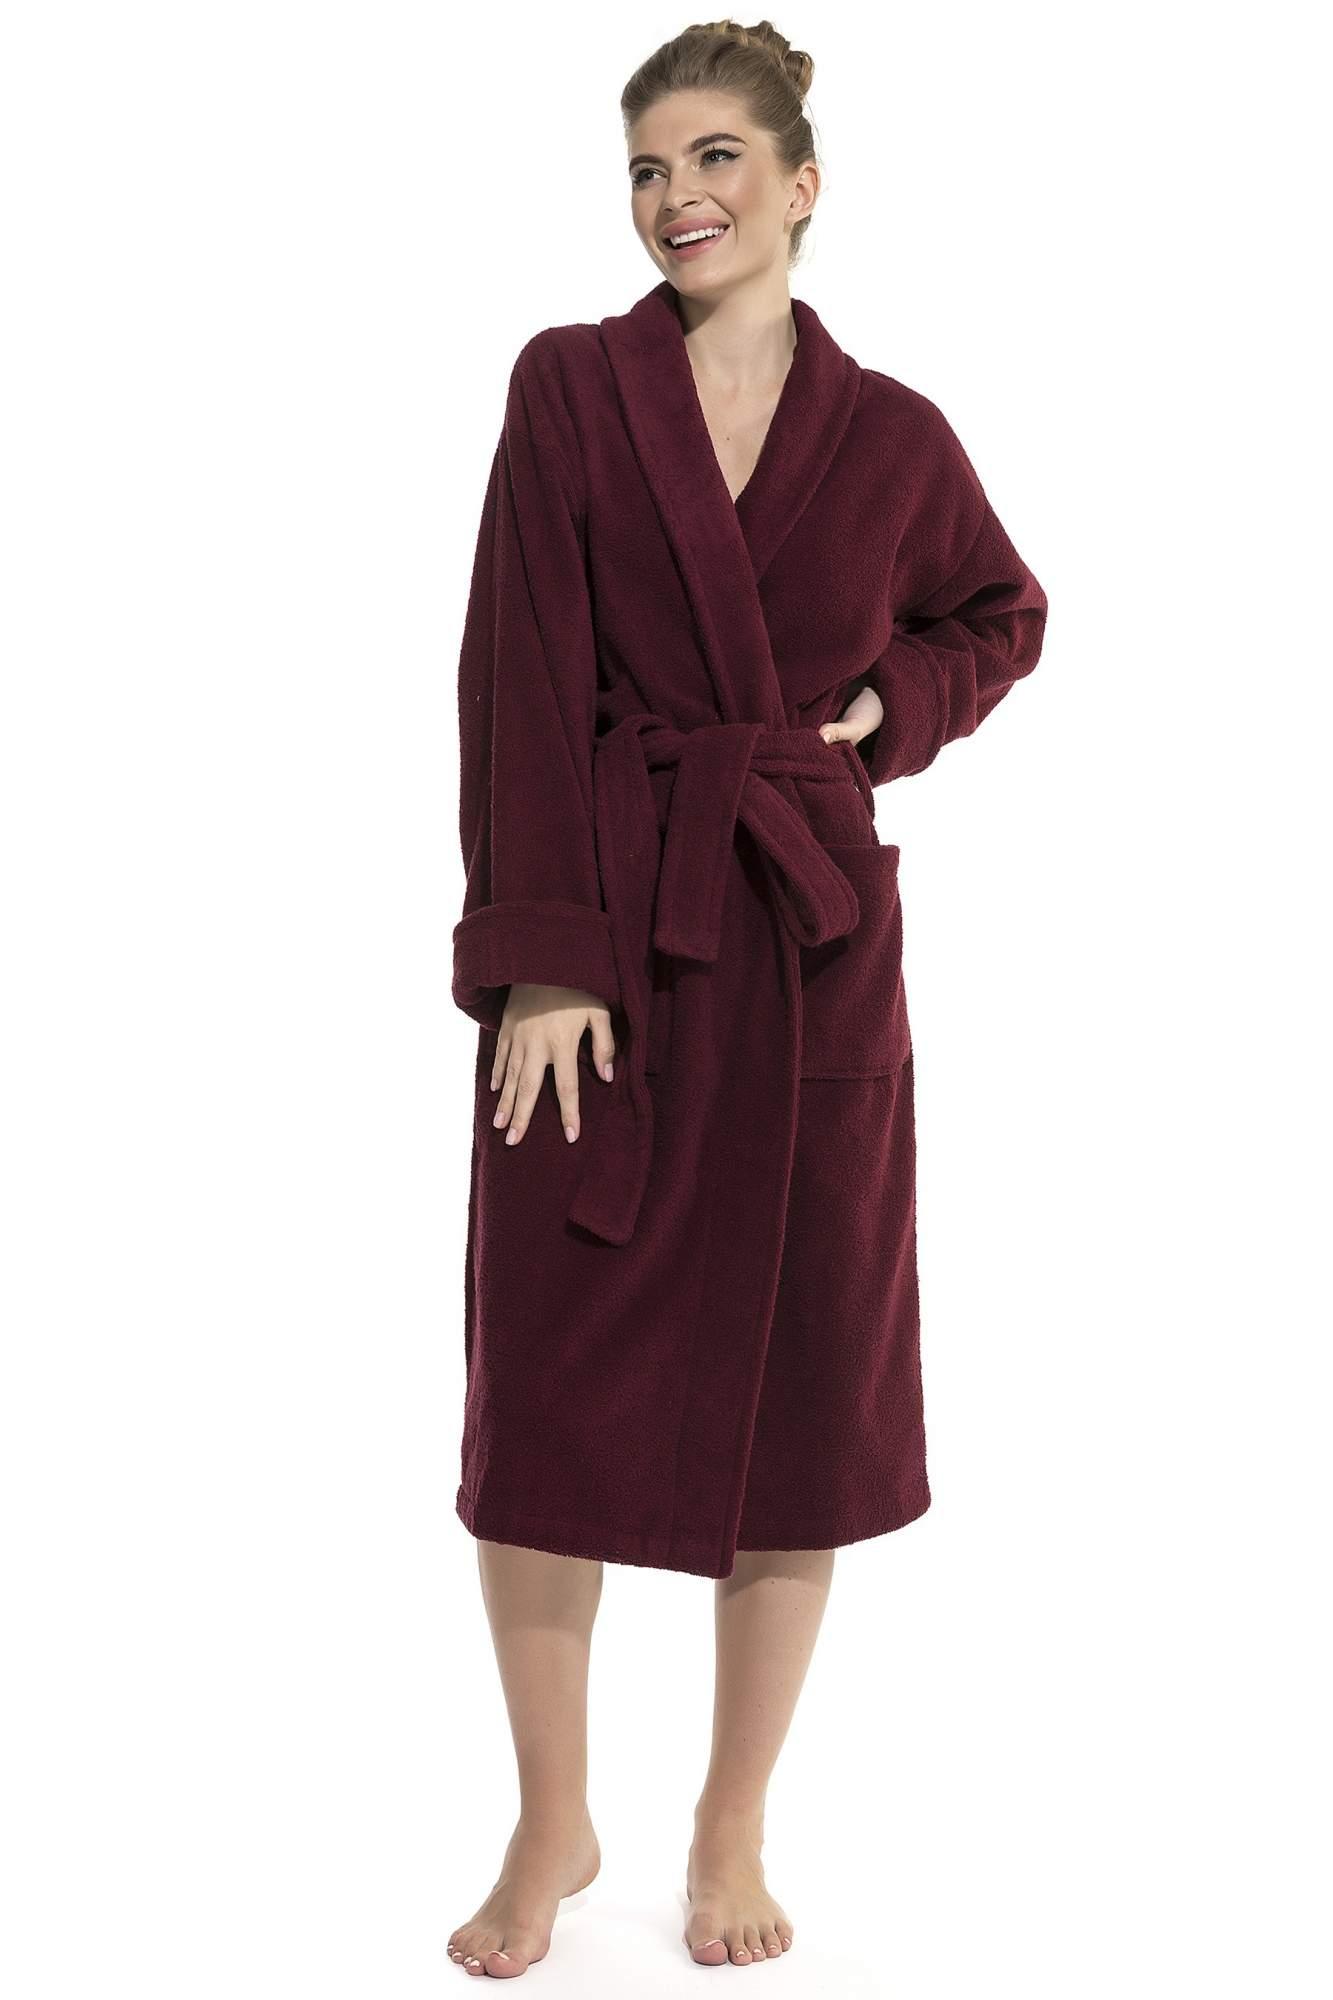 Женский банный халат Vinous Label EvaTeks 365, винный, 50-52